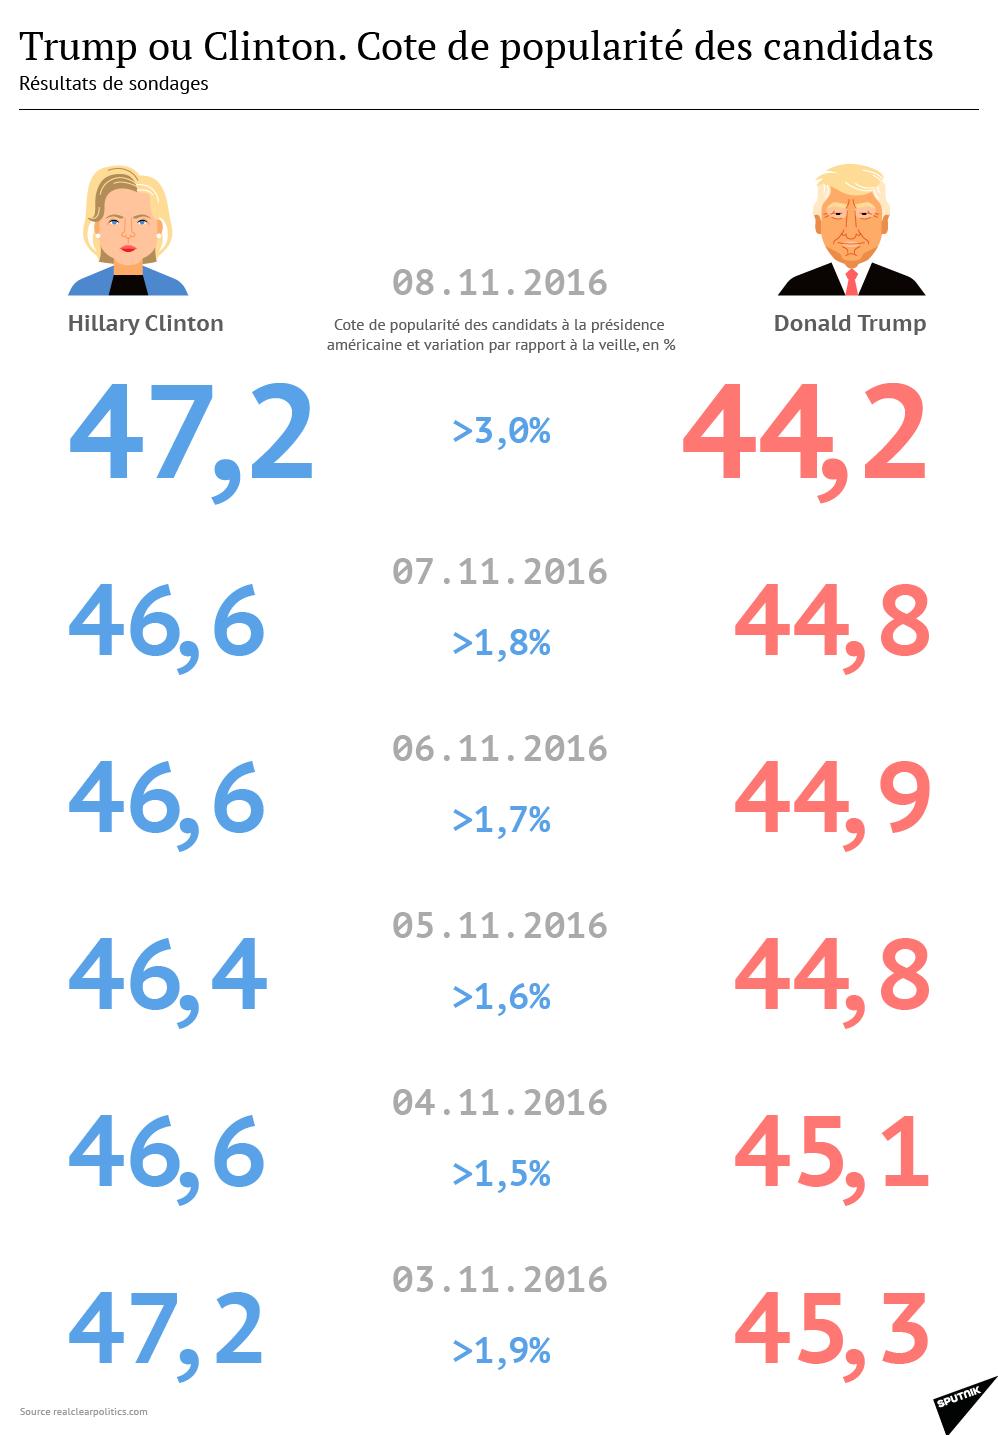 Trump vs Clinton: la cote de popularité des candidats à la présidence américaine